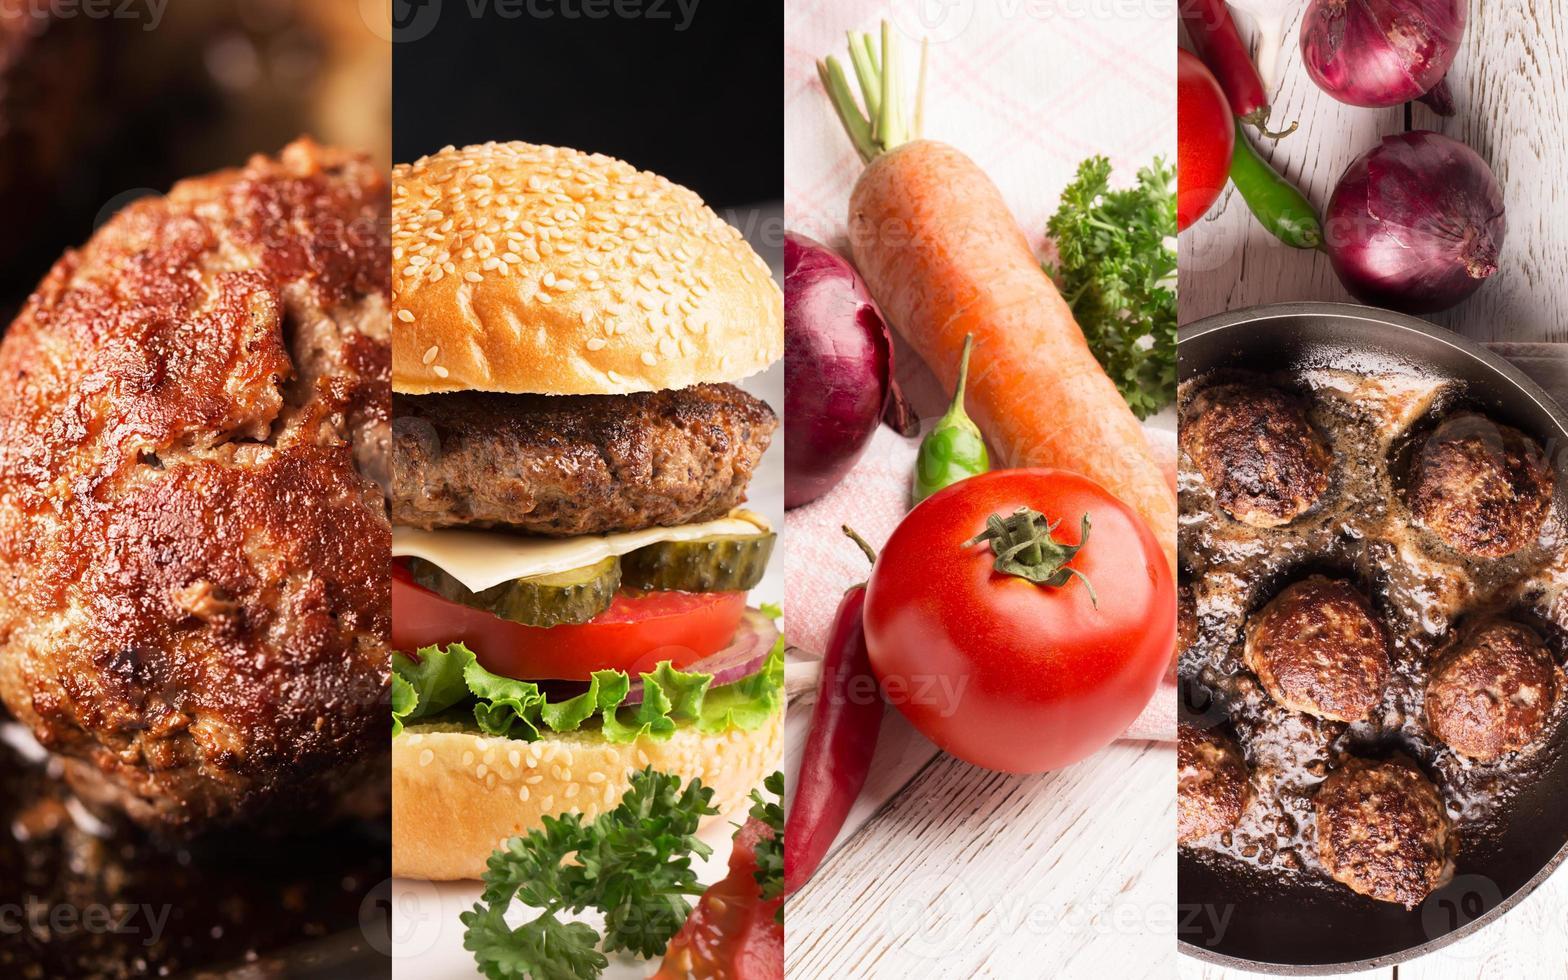 viande et légumes photo